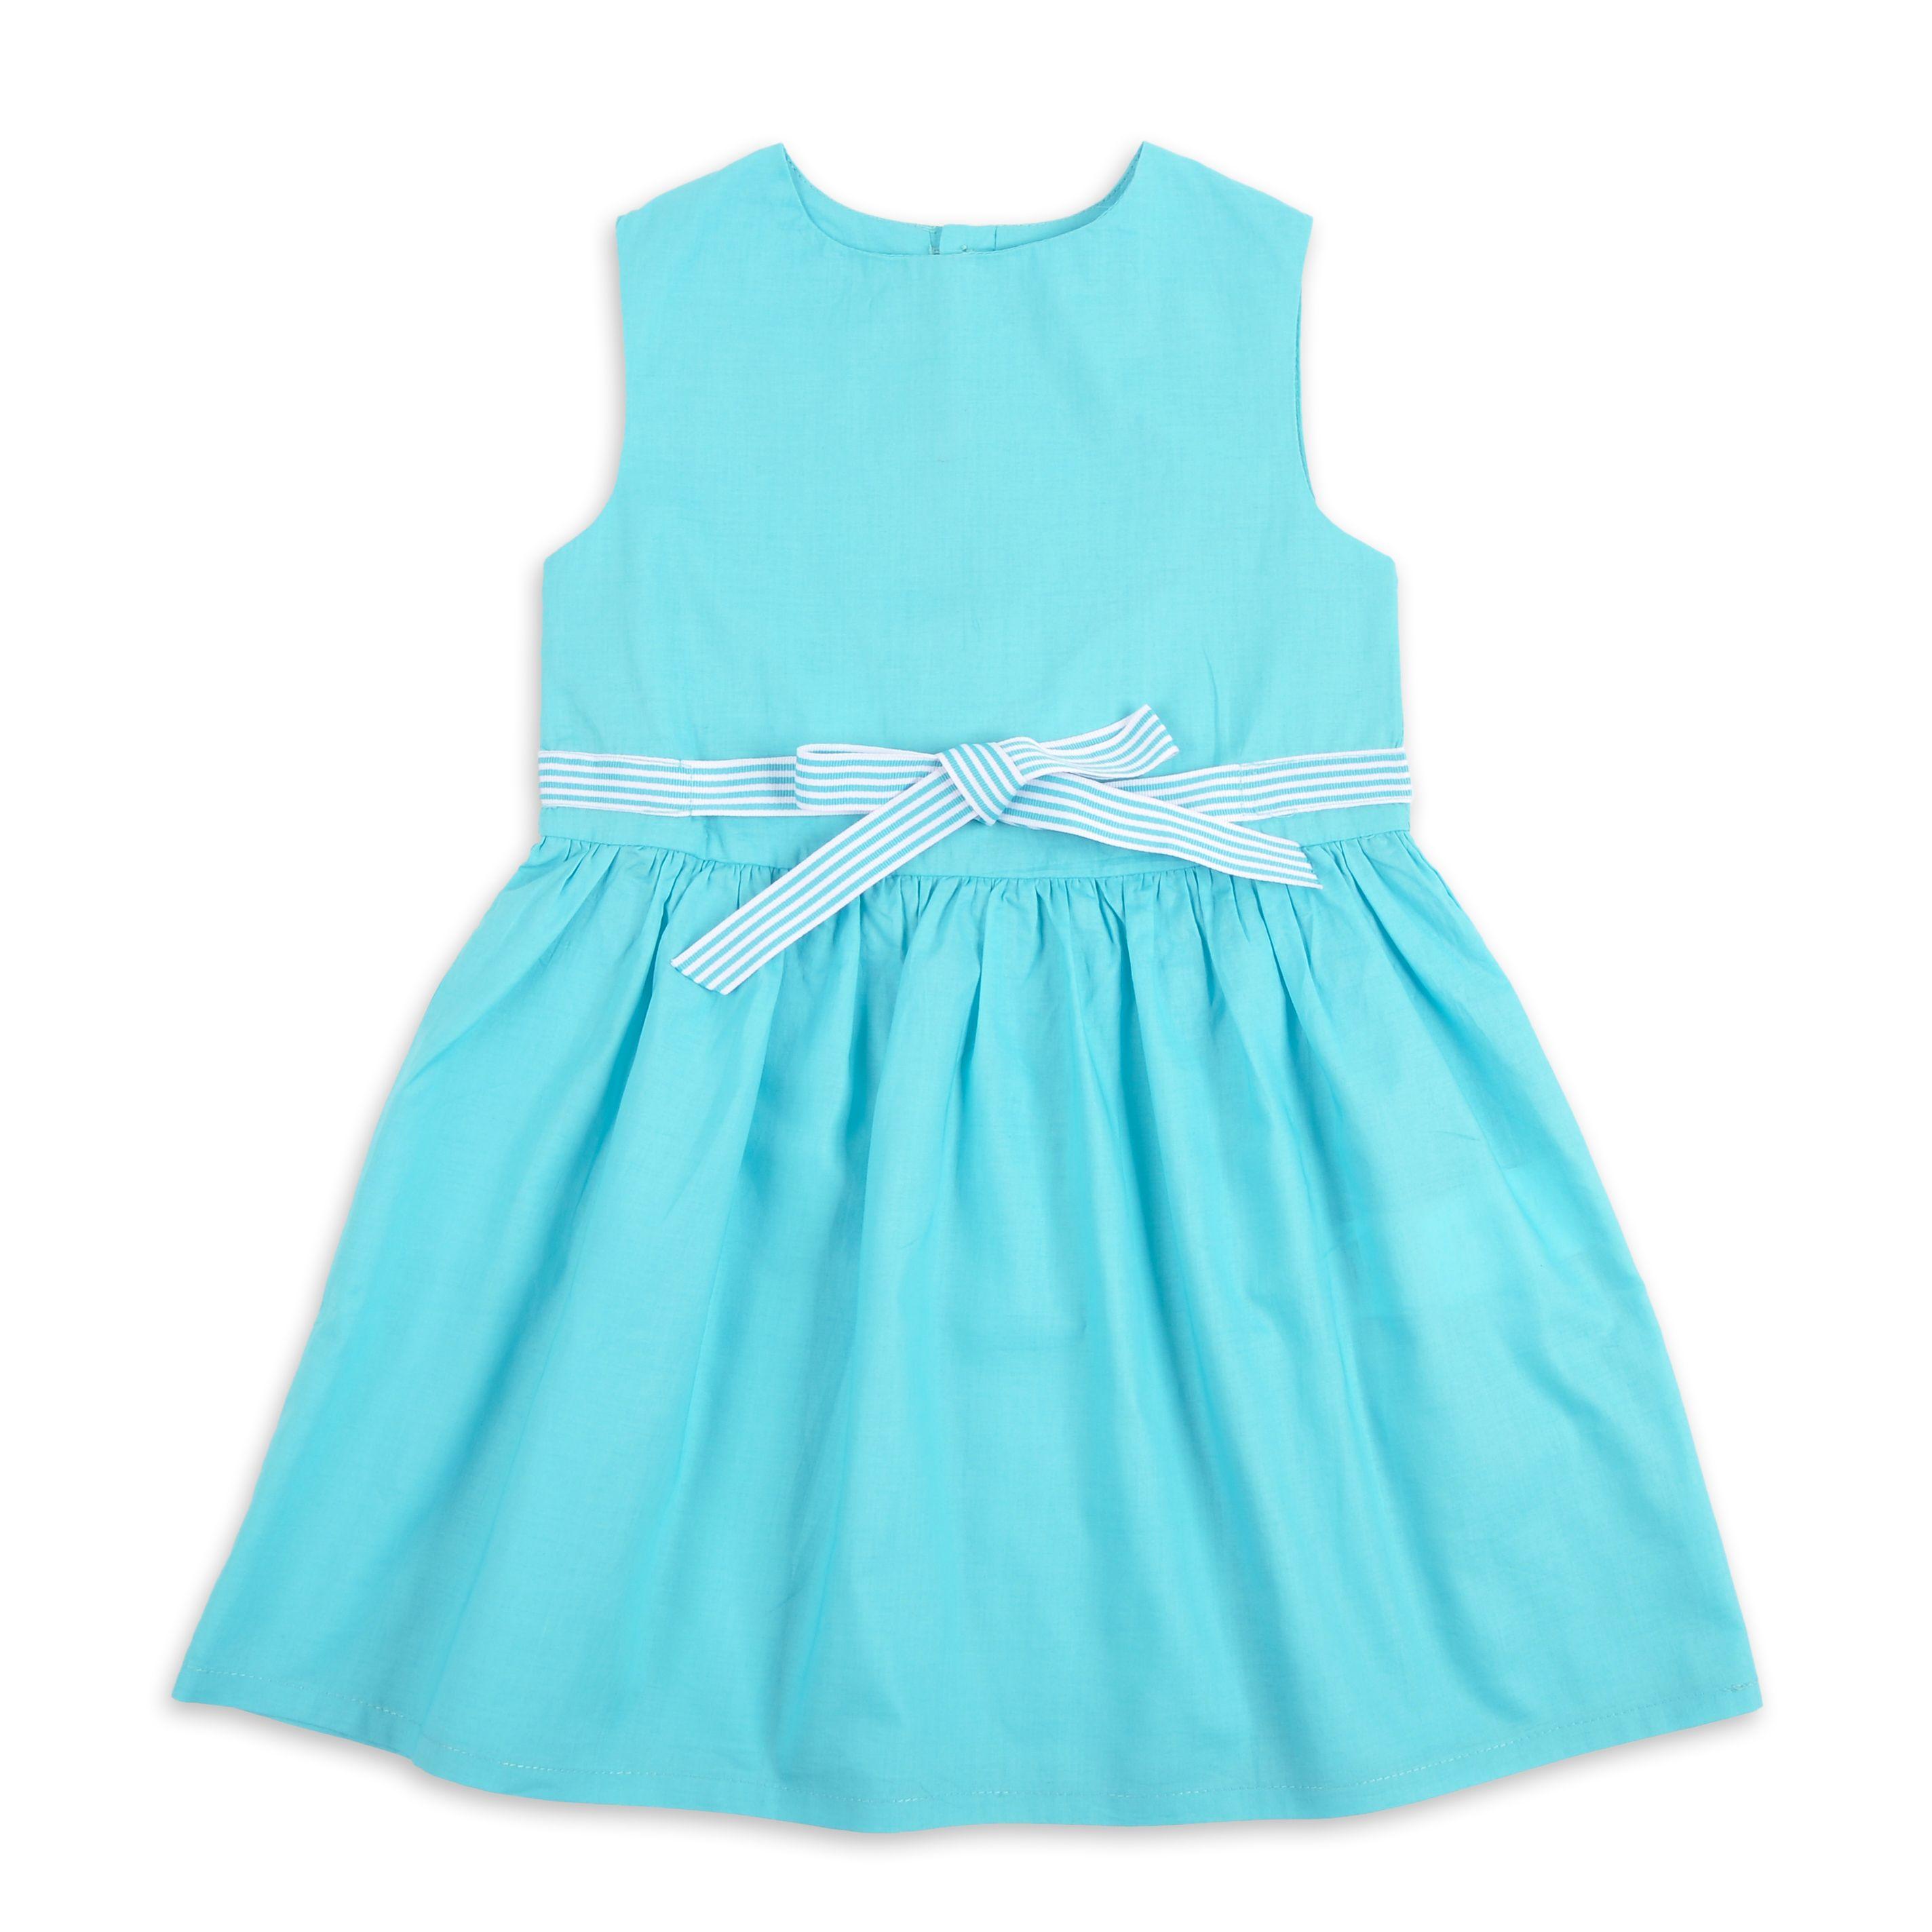 Vestidos casuales color azul turquesa